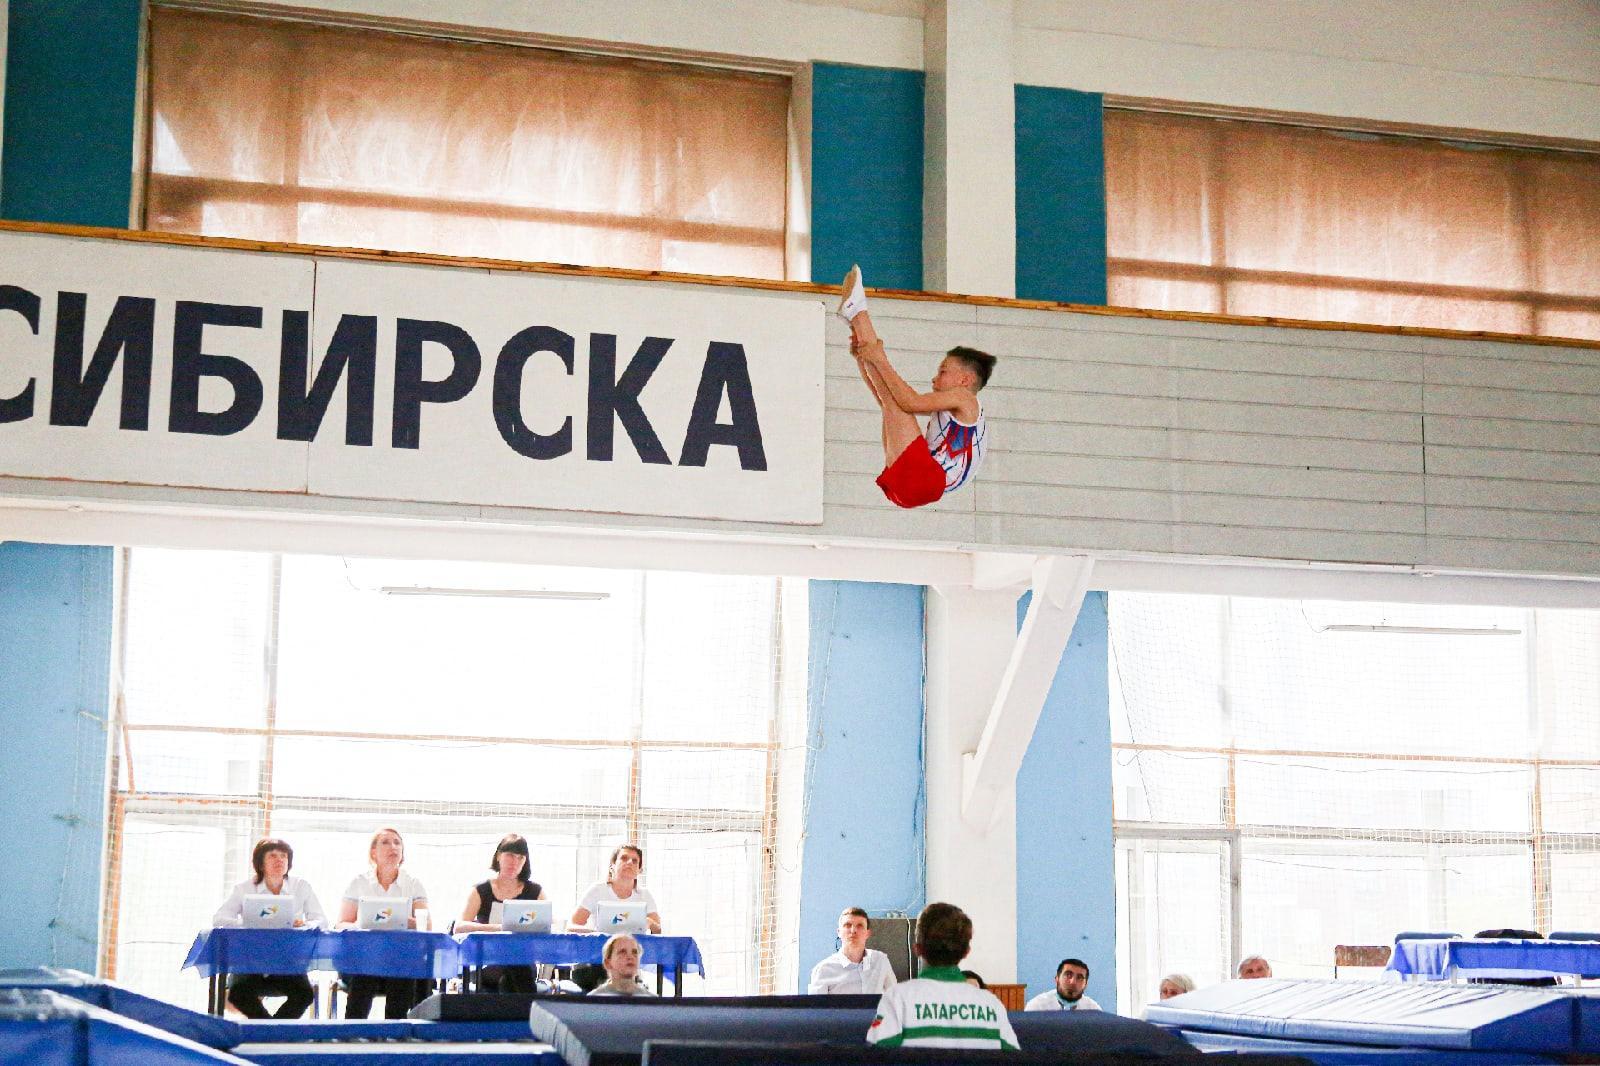 фото Всероссийские соревнования по прыжкам на батуте проходят в Новосибирске 4